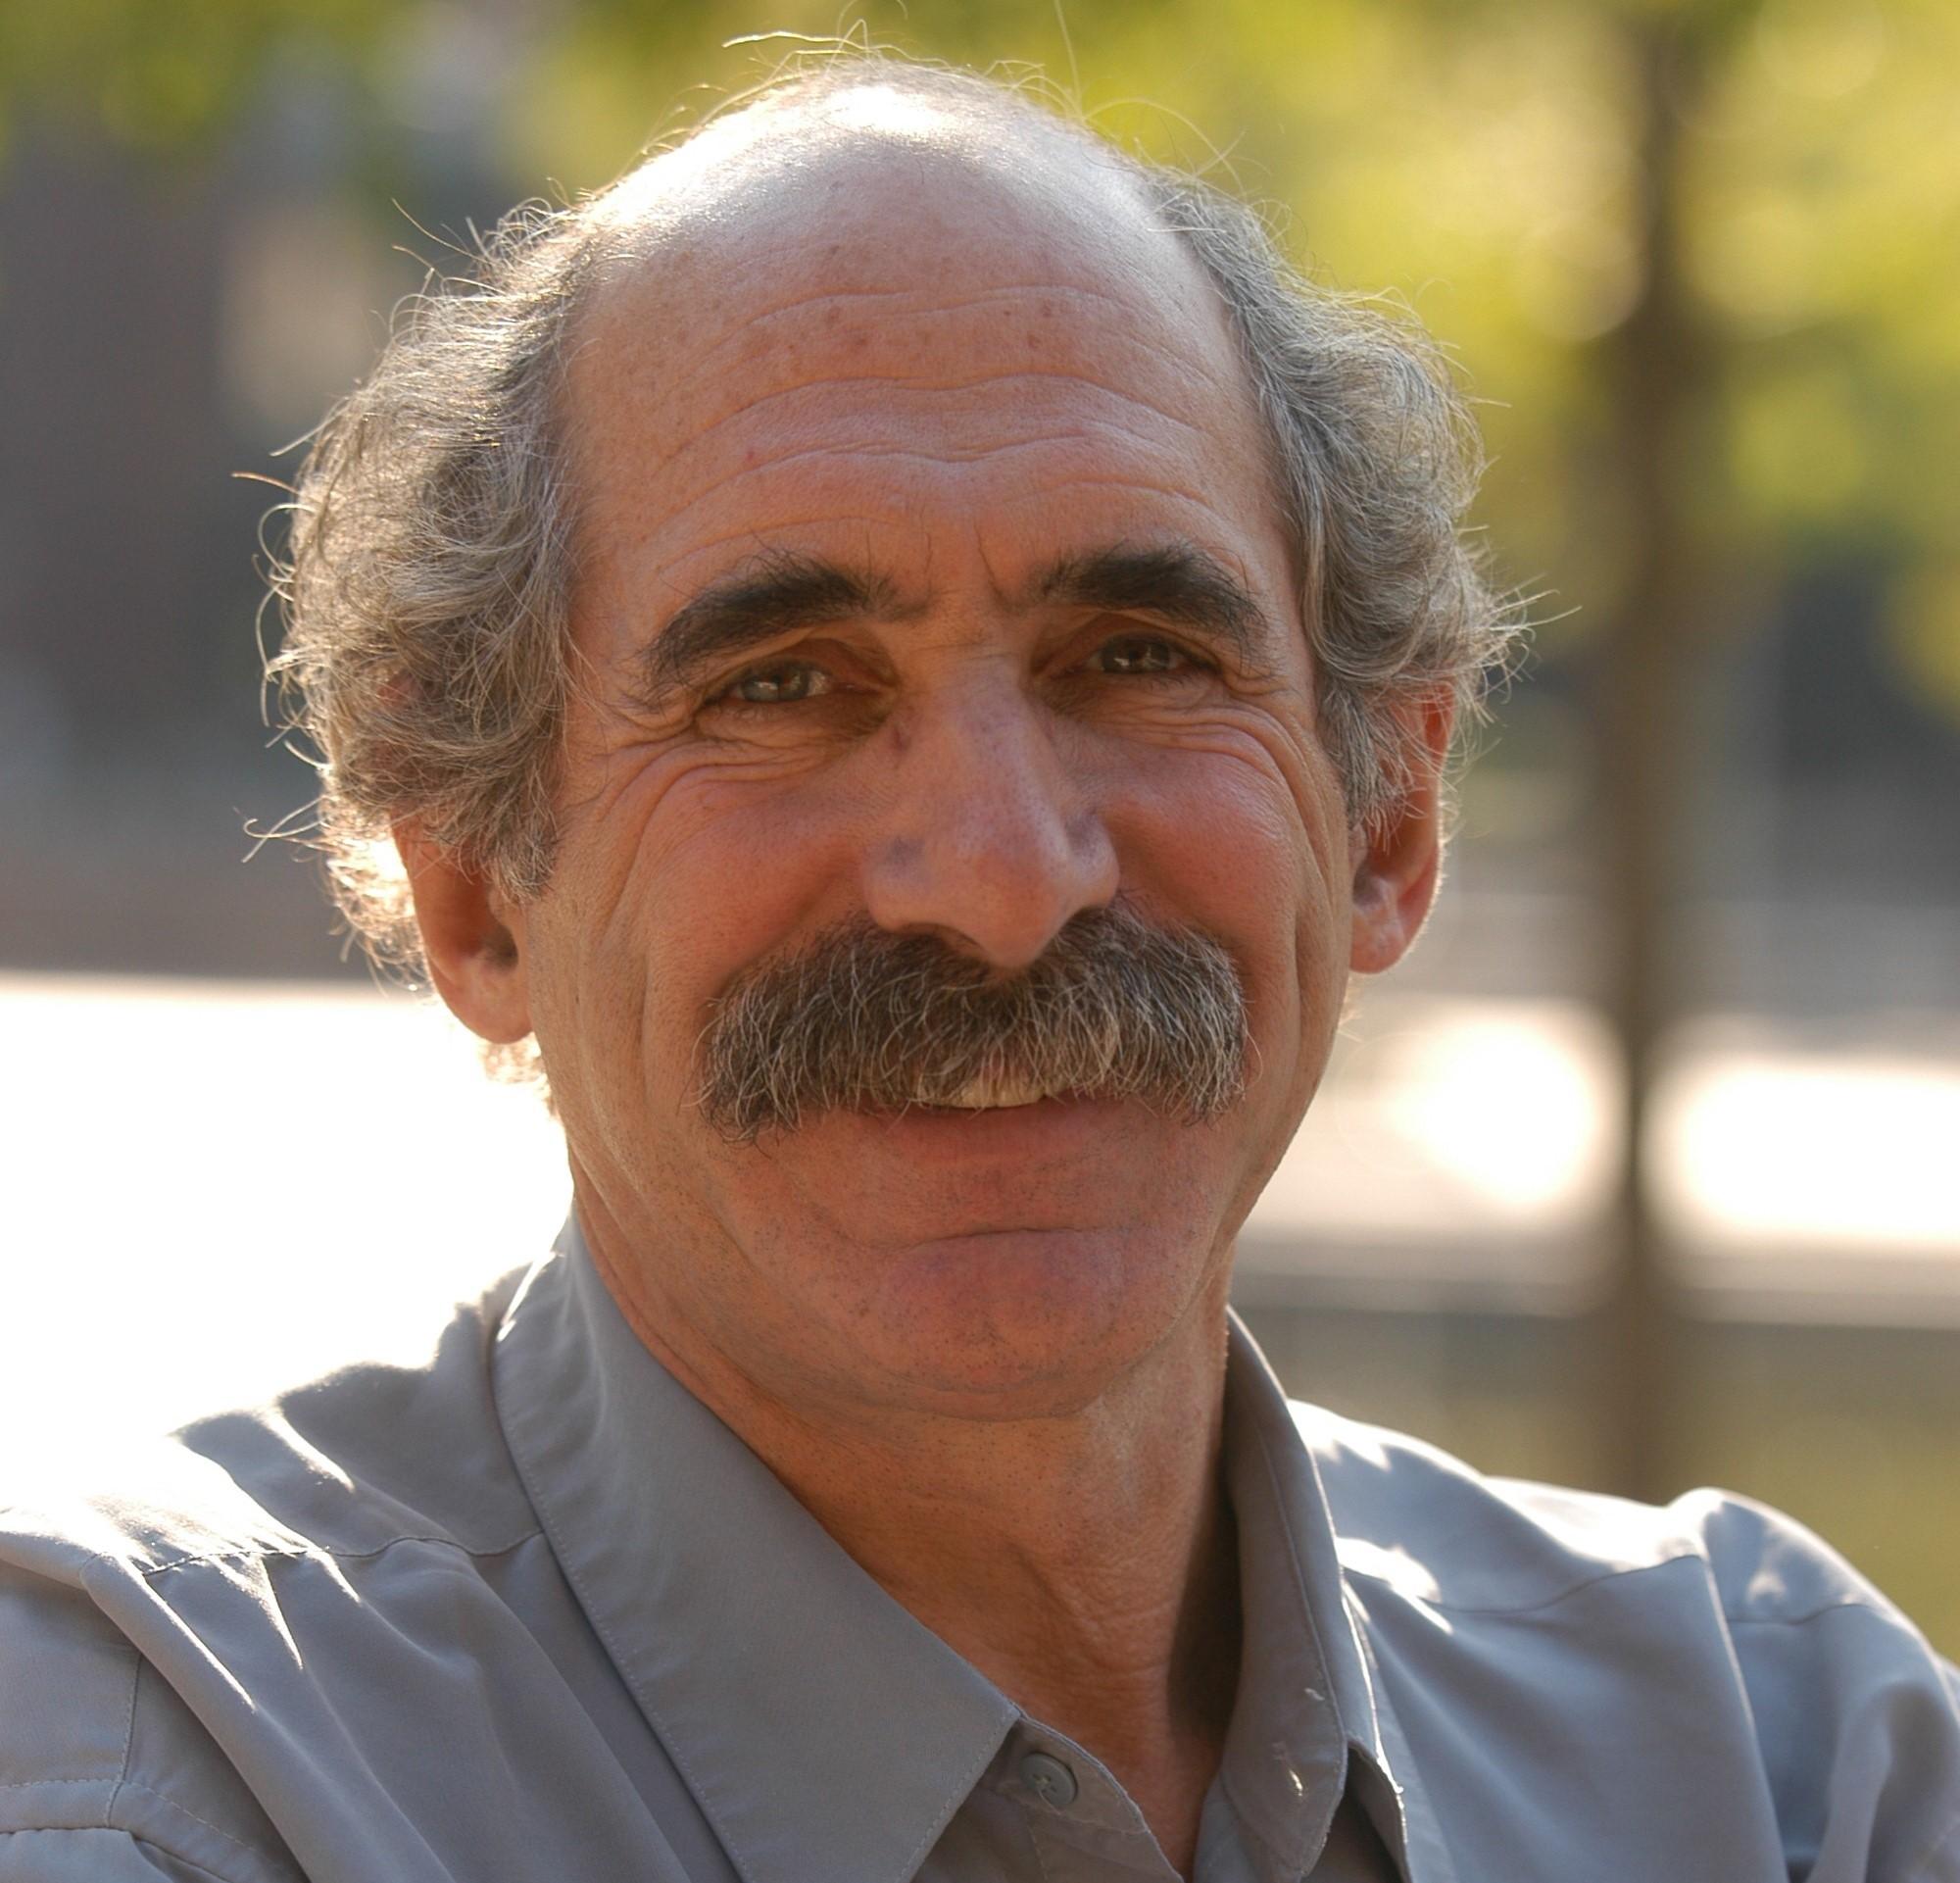 Prof. Michael Oppenheimer